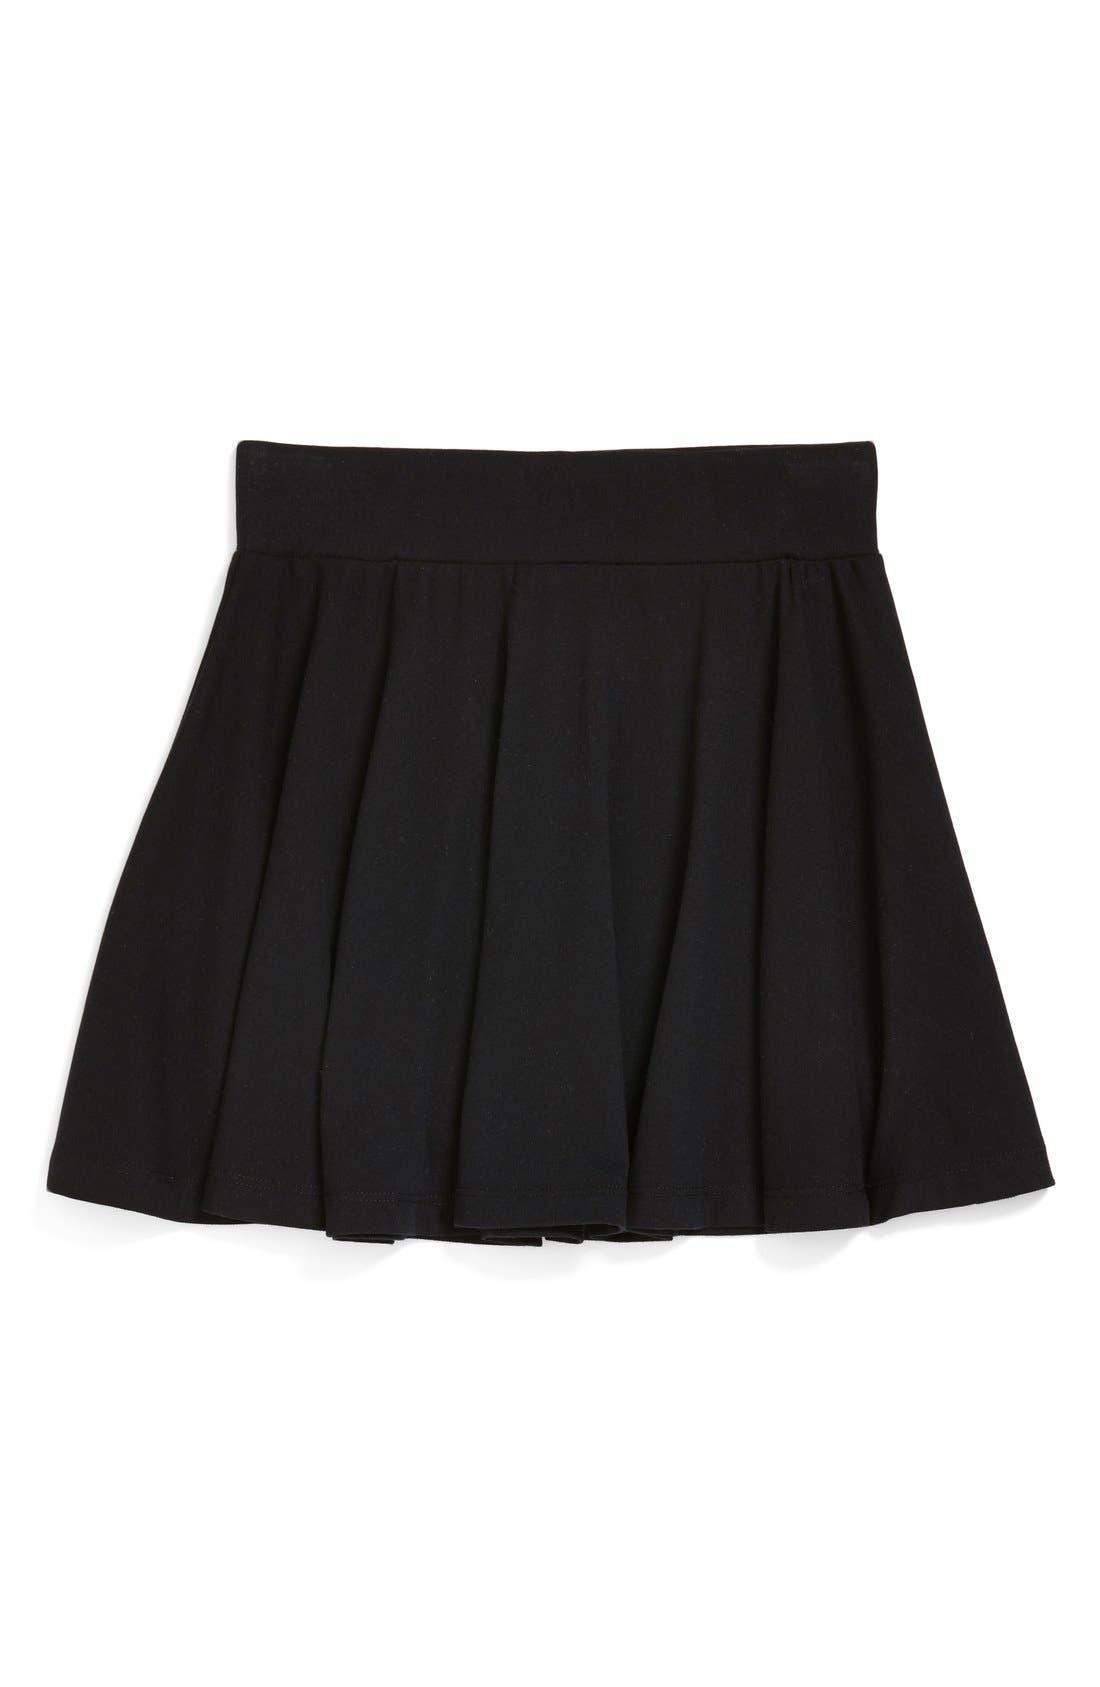 Alternate Image 1 Selected - Tucker + Tate Ali Skater Skirt (Little Girls & Big Girls)